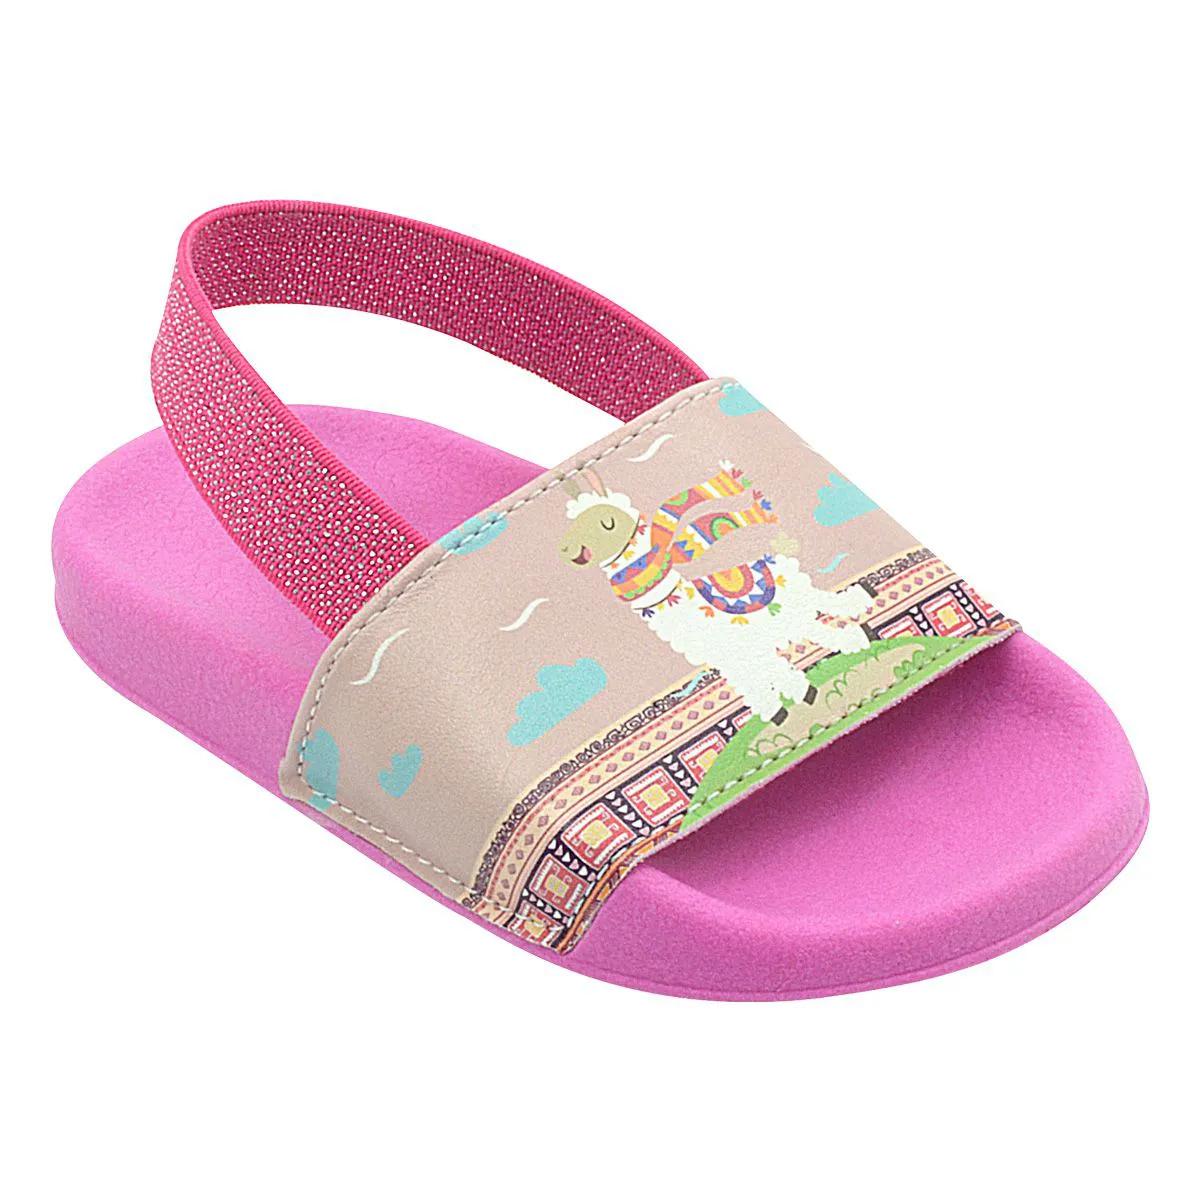 Chinelo Infantil Summer Lhama Pink Feminino